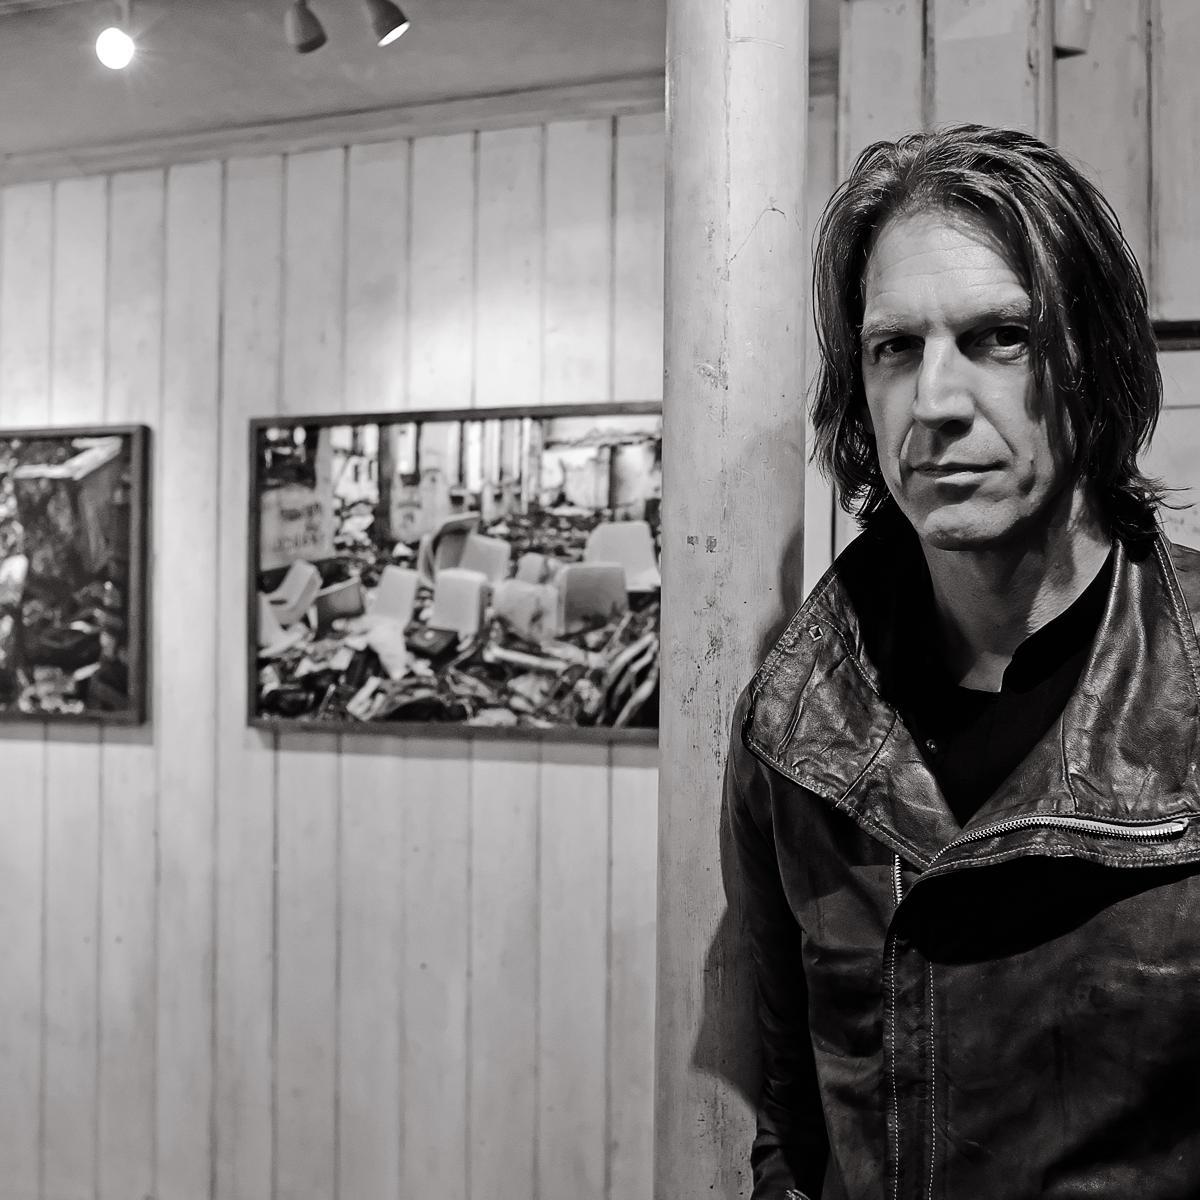 Photograph of Graham Fink, Artist & Creative by Julian Hanford